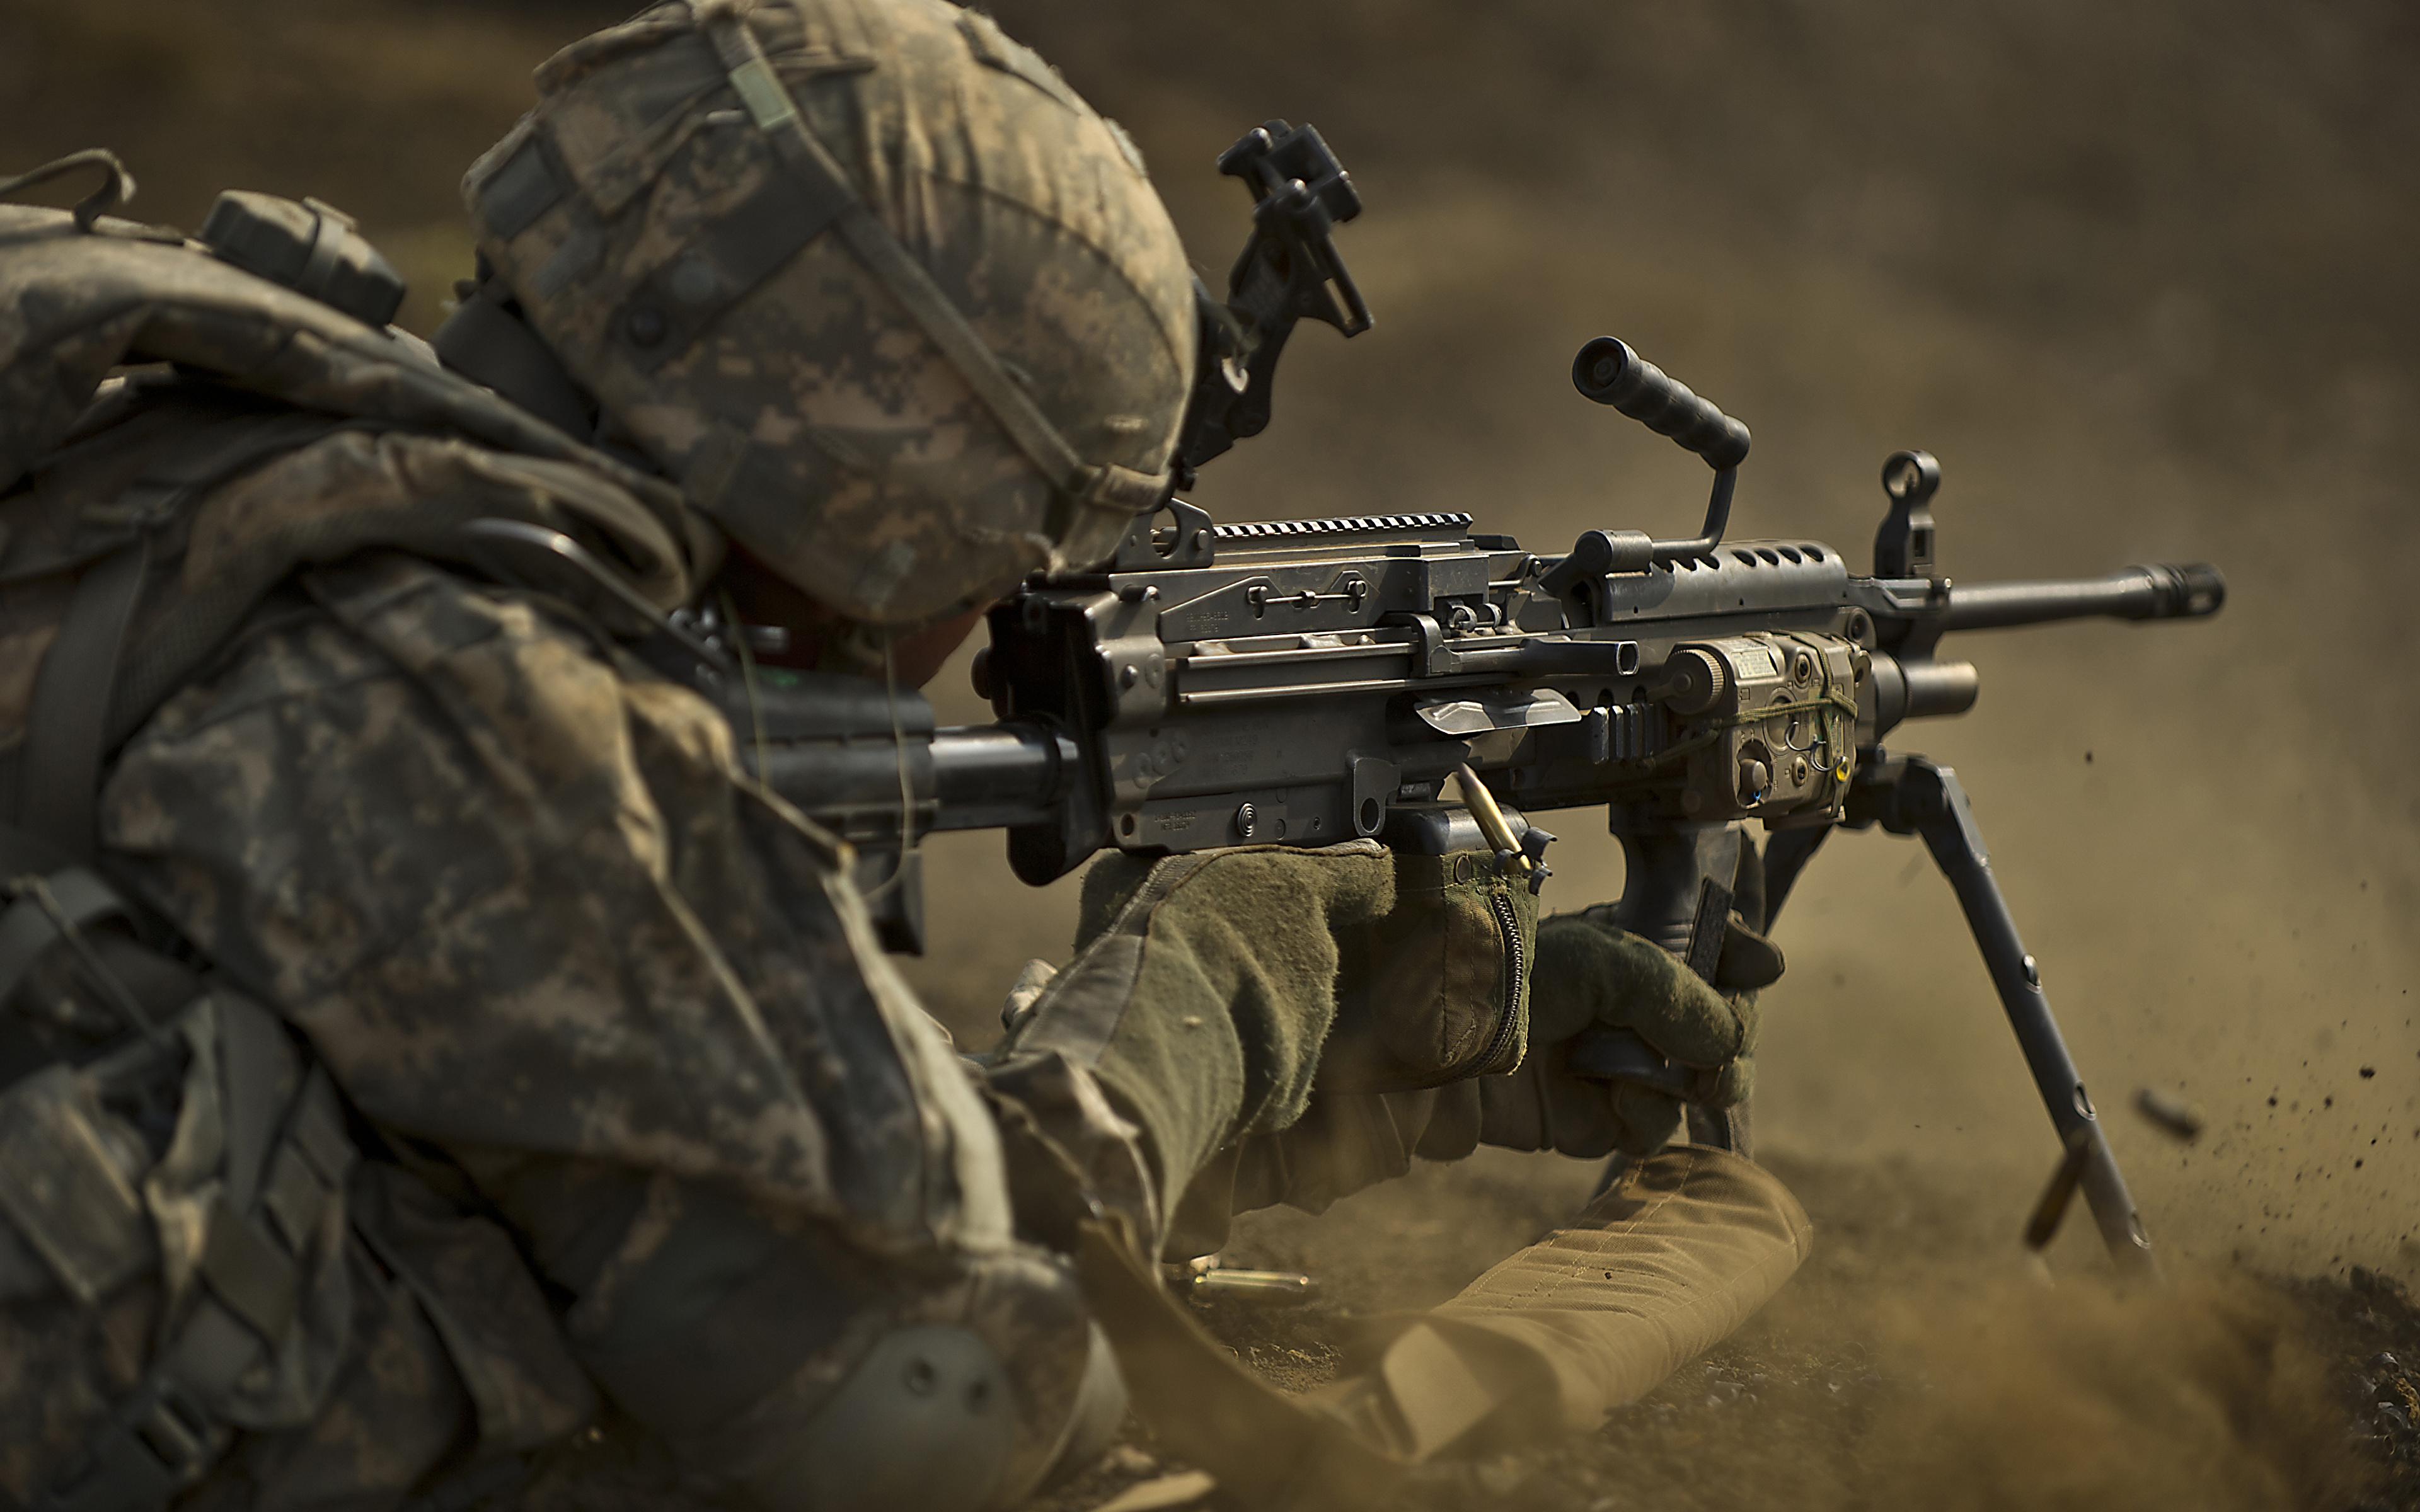 壁紙 3840x2400 兵 機関銃 ミリタリーヘルメット ヘルメット 陸軍 ダウンロード 写真